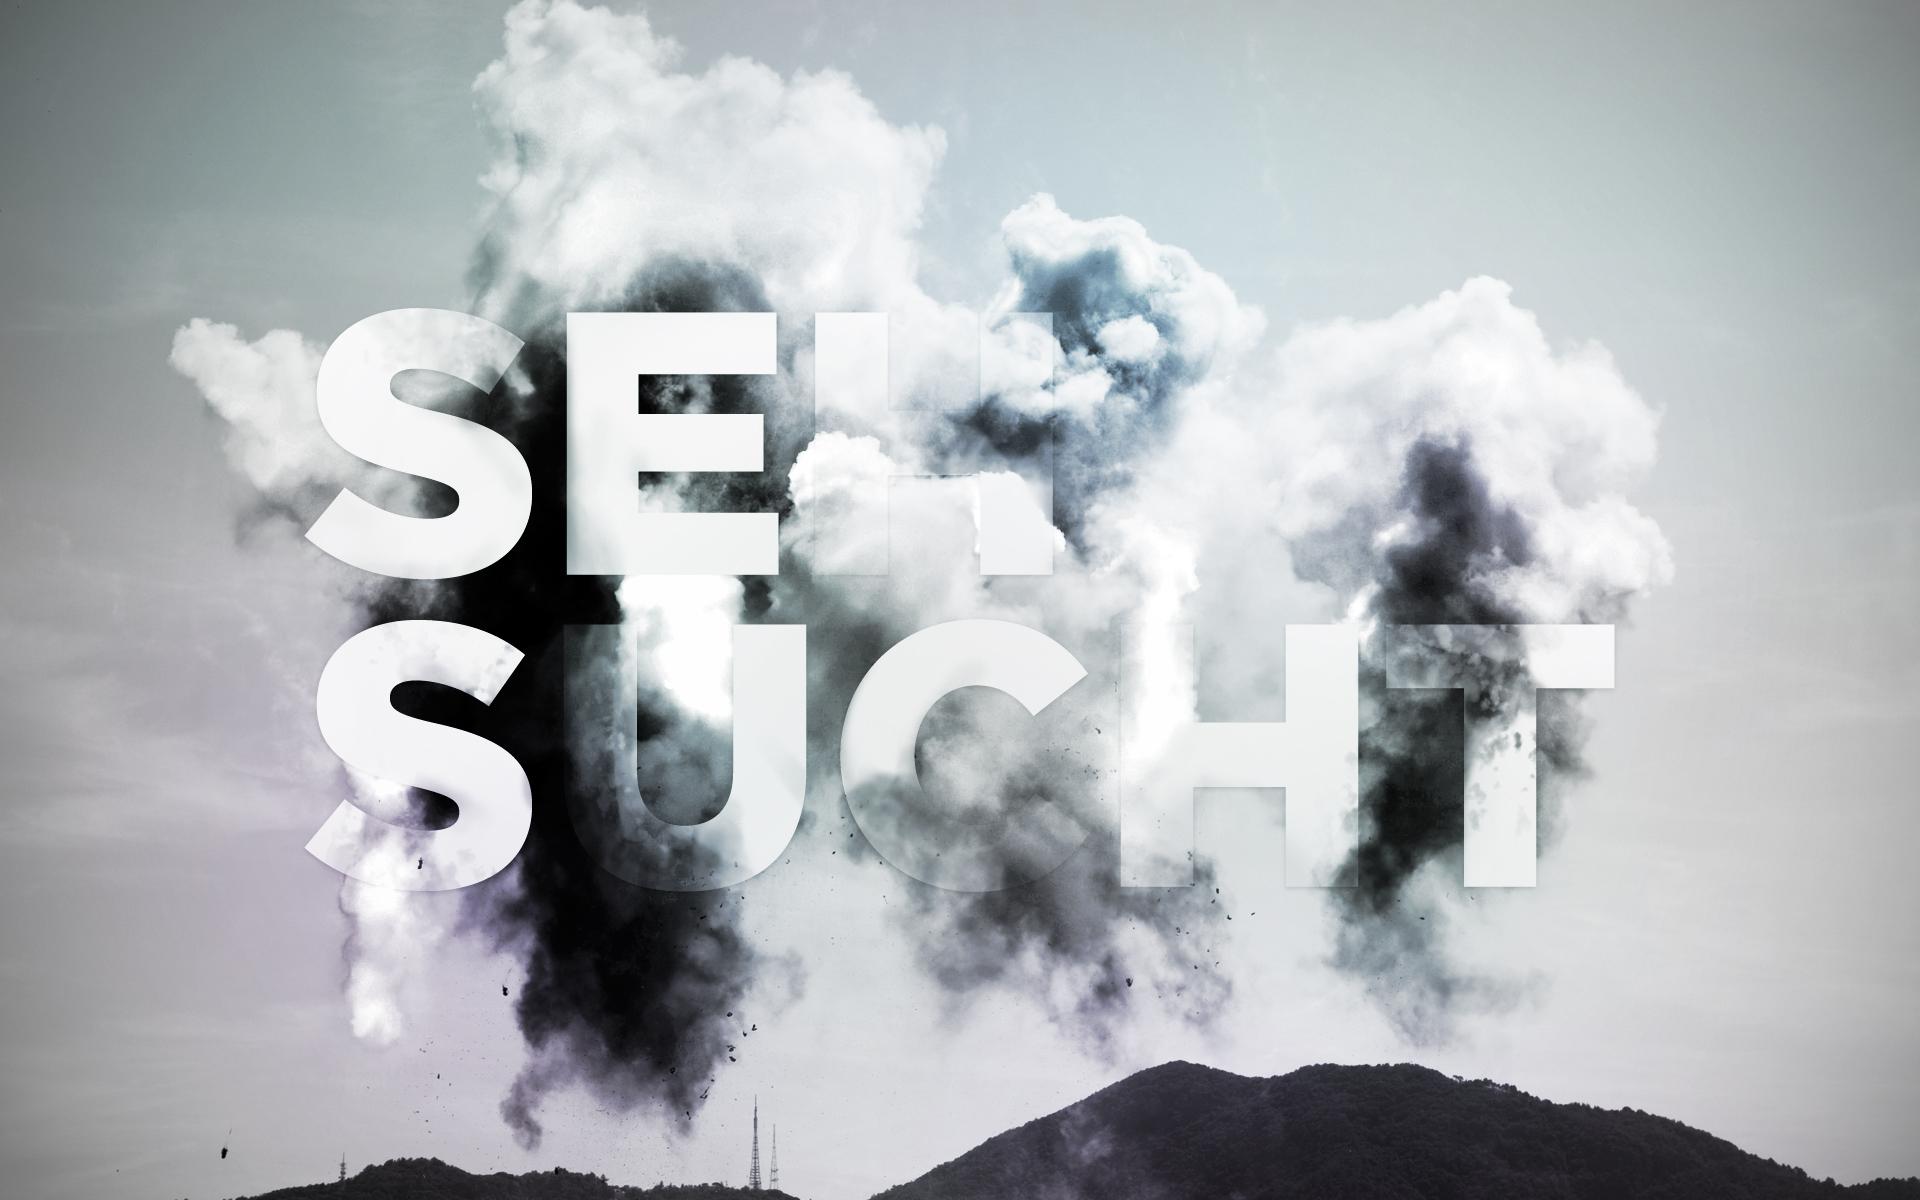 El arte de Sehsucht en vídeo animado